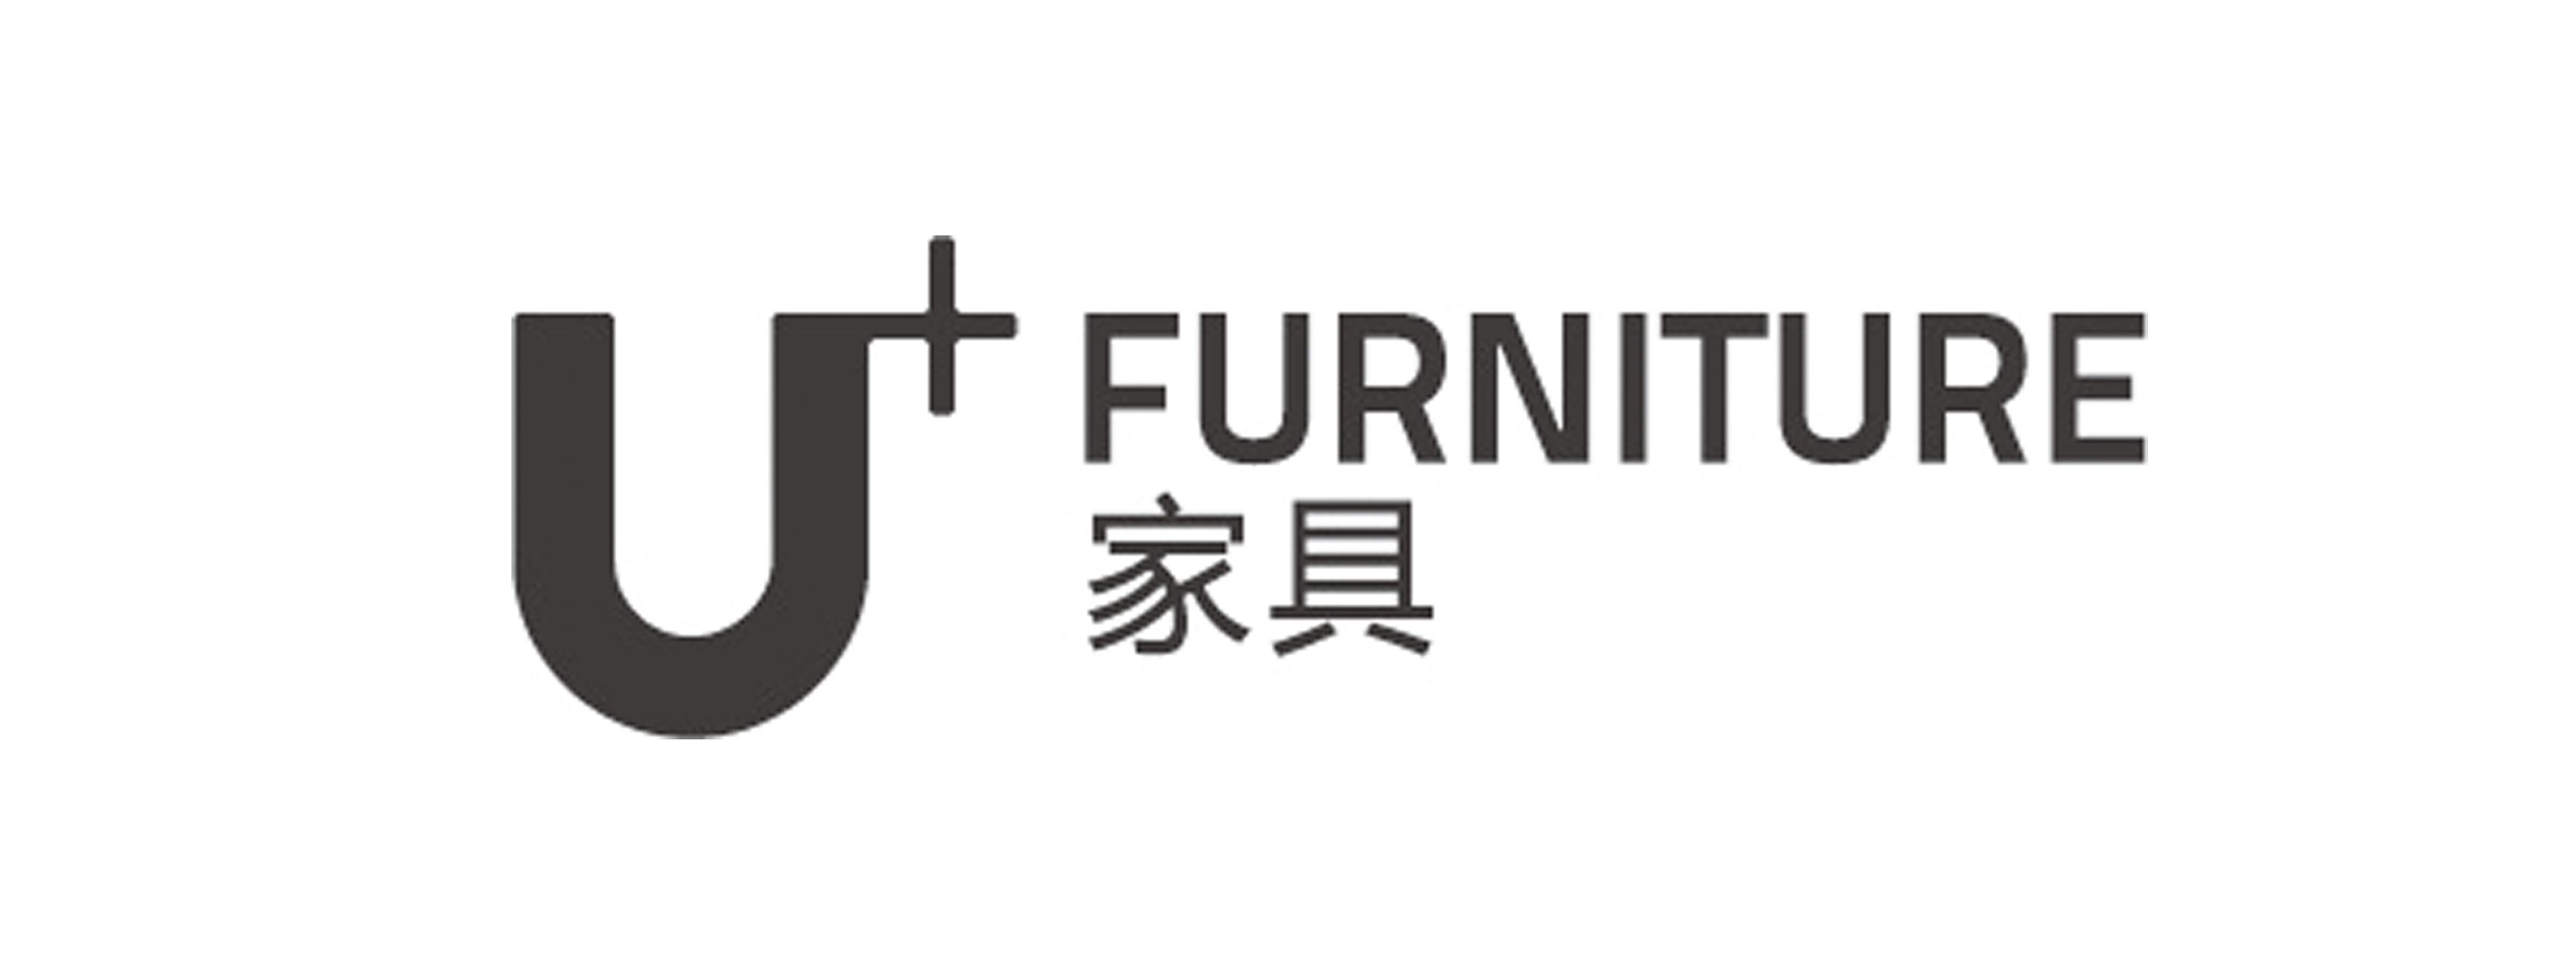 U+家具是一个原创独立品牌,于2008年在山东济南创办。 品牌创建之初,即以中国基因为灵感源能,多年来一直致力于中国当代家具的原创设计生产。以对生活、对人的善意理解,饱含对生命的热爱,对精致生活的不懈追求,以家具设计传递善意之美。 我们秉承工匠精神,不断进取。自有现代化工厂,将手工艺与科学技术和谐使用,为当代生活提供品质优良,形神兼备的家具。希望将中国人骨子里的精神,回归到当代日常生活。